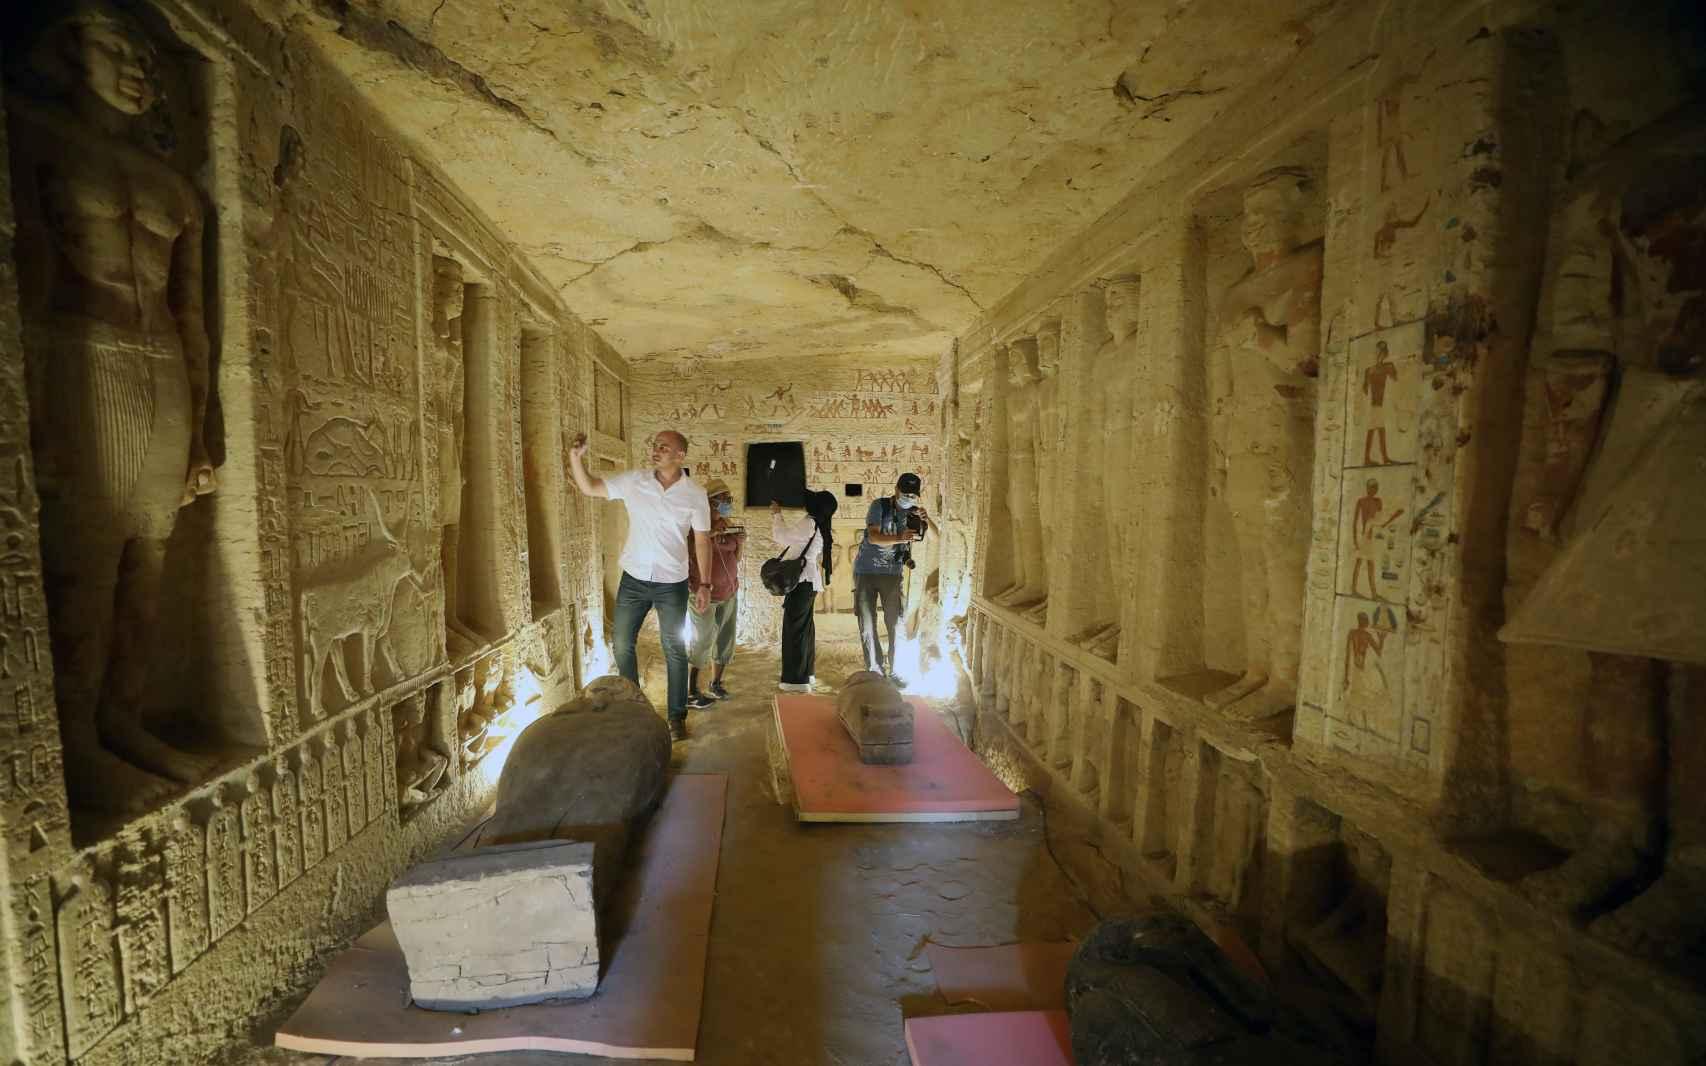 Vista del nuevo pozo funerario de la necrópolis de Saqqara, a unos 50kms al sur de El Cairo.